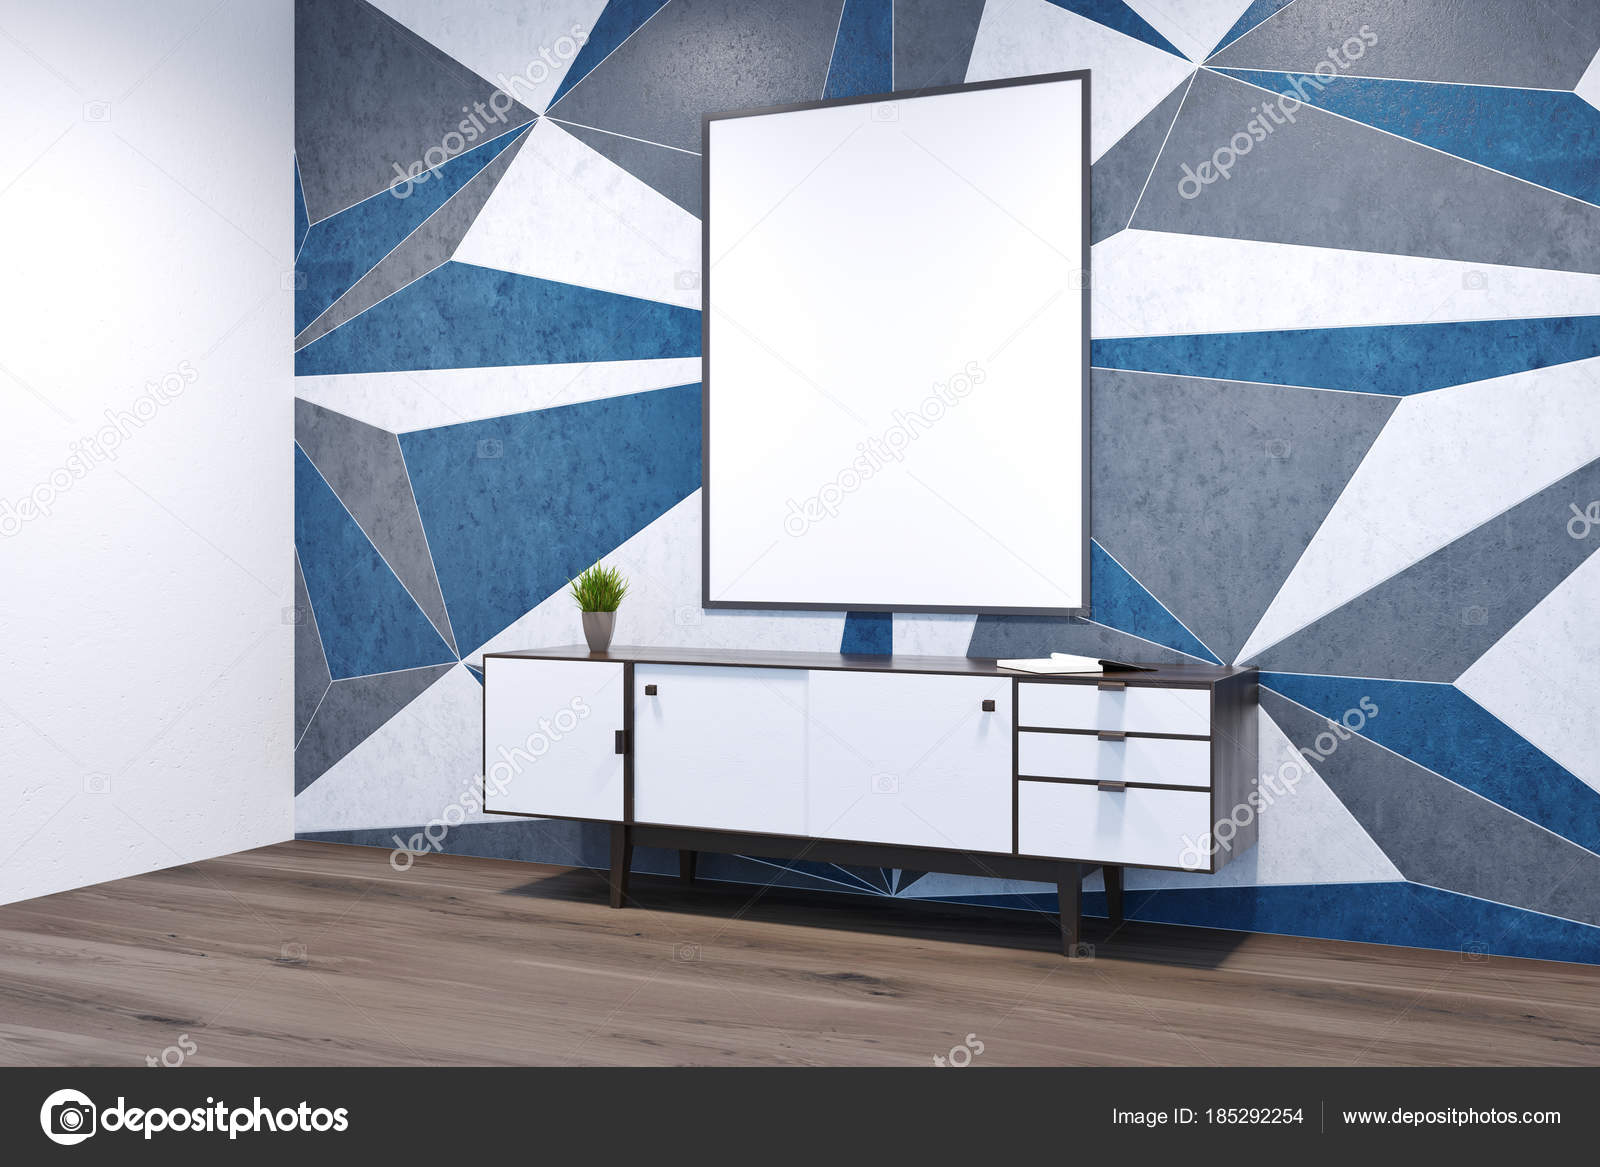 Geometrische Muster Leeren Raum Ecke Mit Einem Weißen Schrank Stehen Auf  Einem Dunklen Holzboden. Ein Plakat. 3D Rendering Mock Up U2014 Foto Von  Denisismagilov